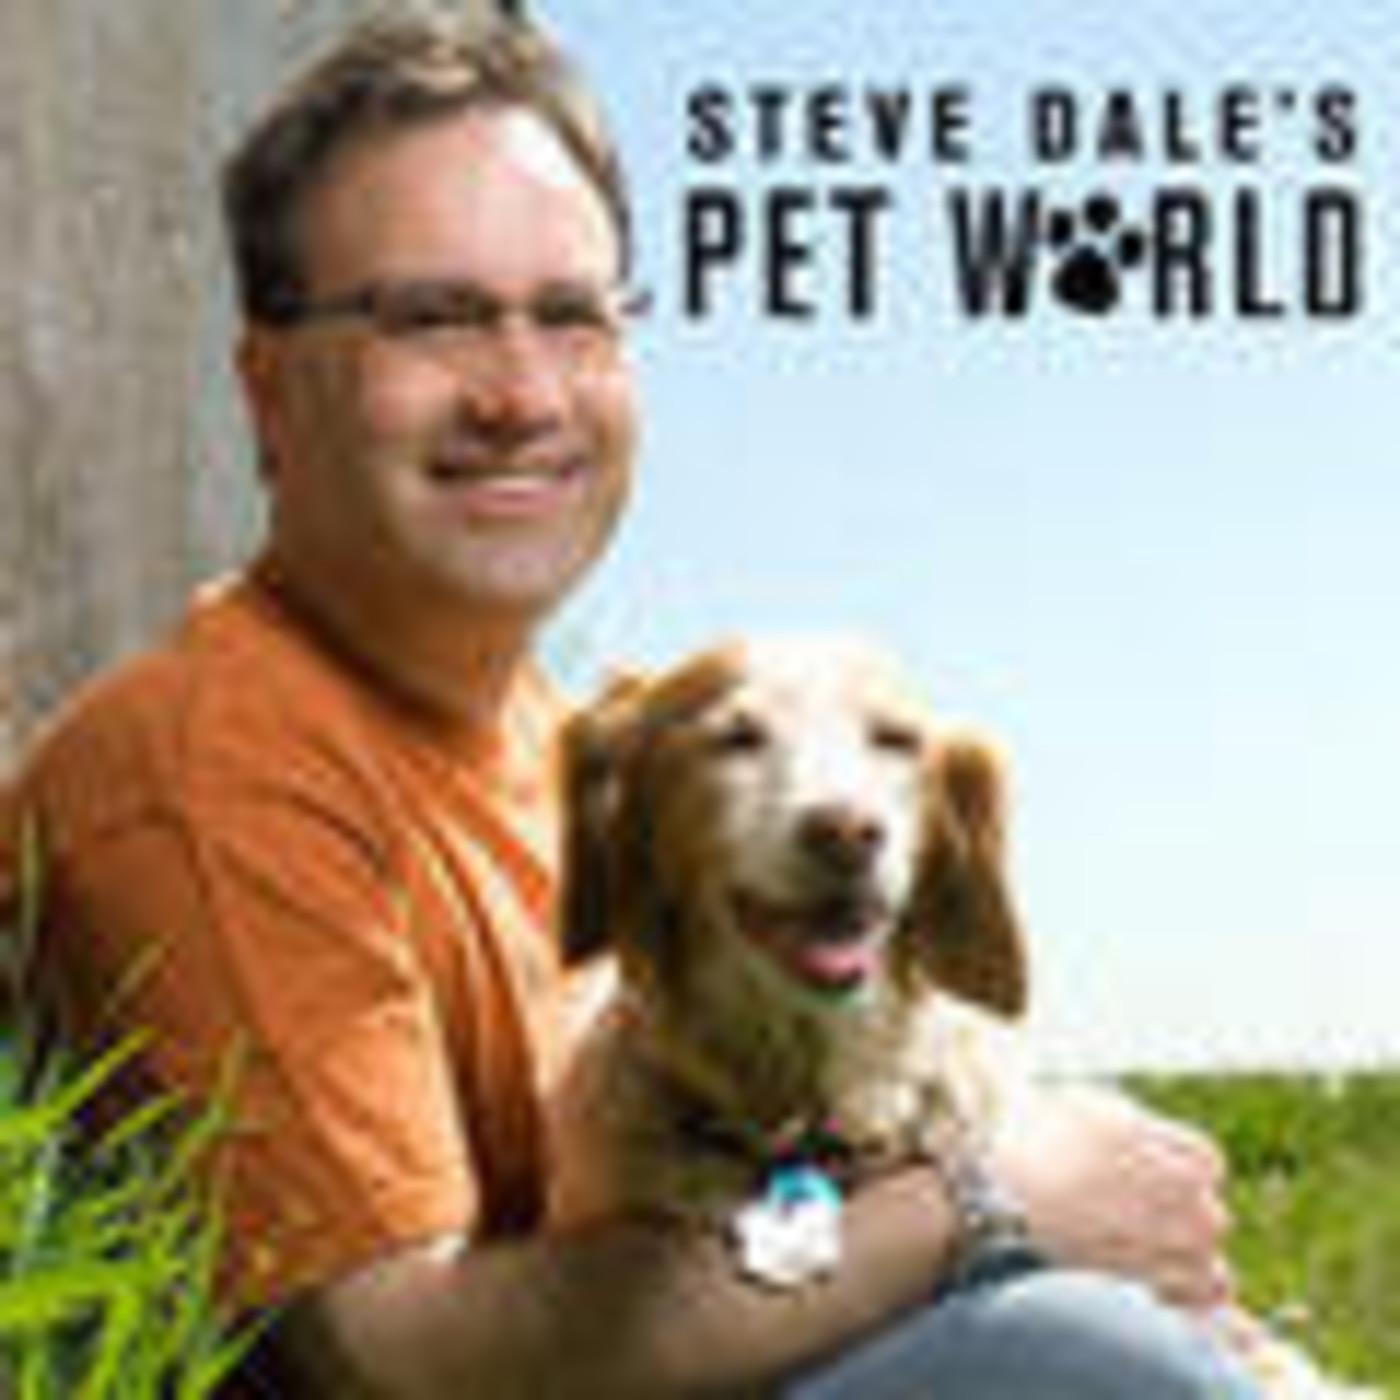 Steve Dale